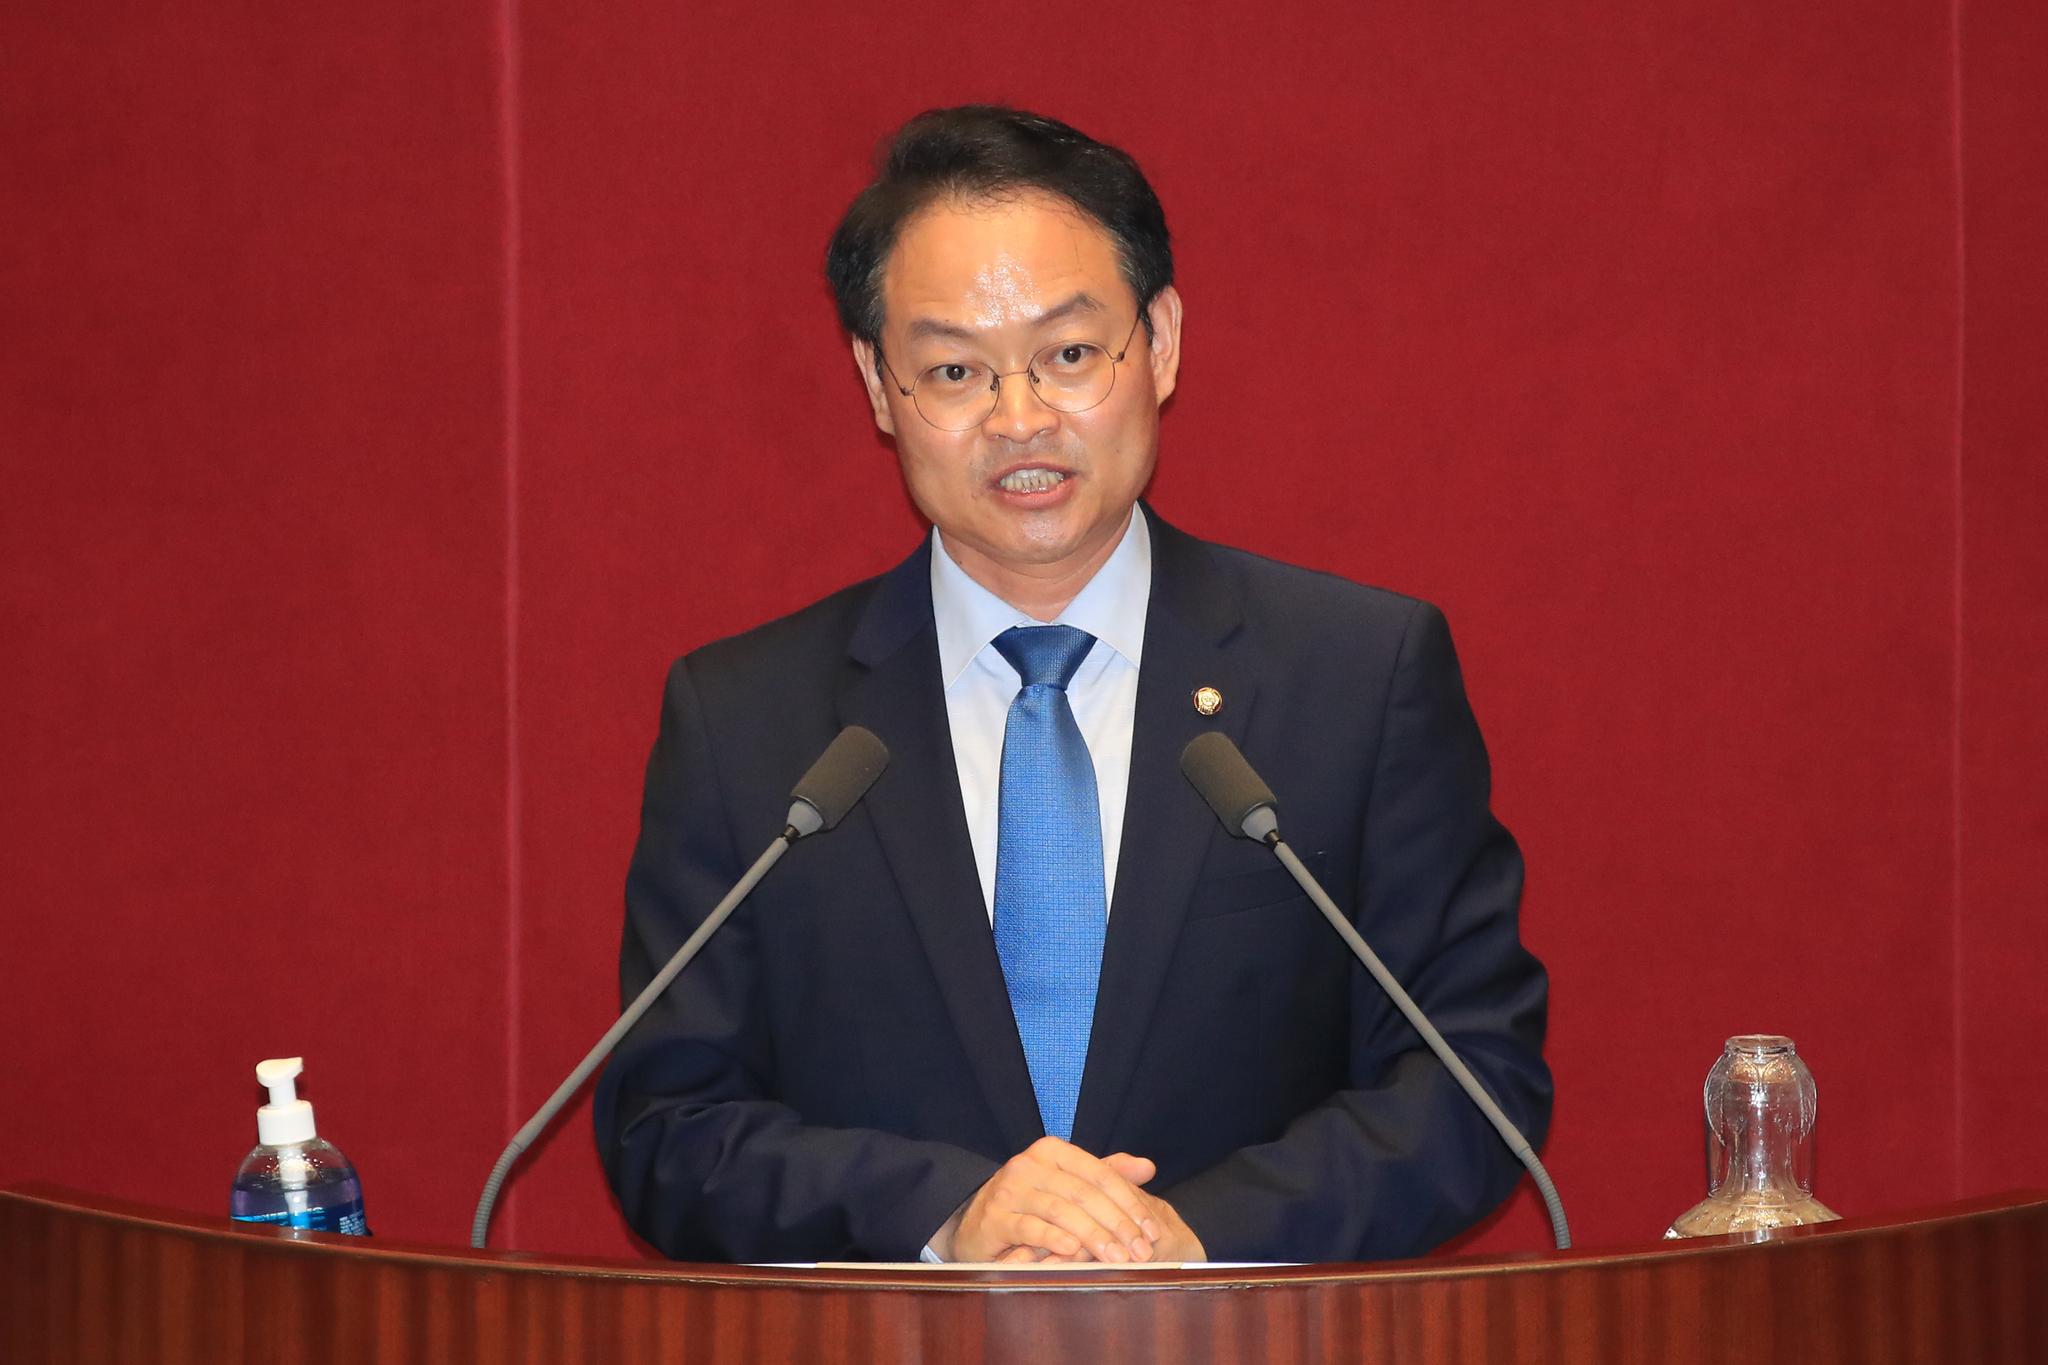 더불어민주당 허영 의원이 4일 오후 국회 본회의에서 토론하고 있다. 연합뉴스